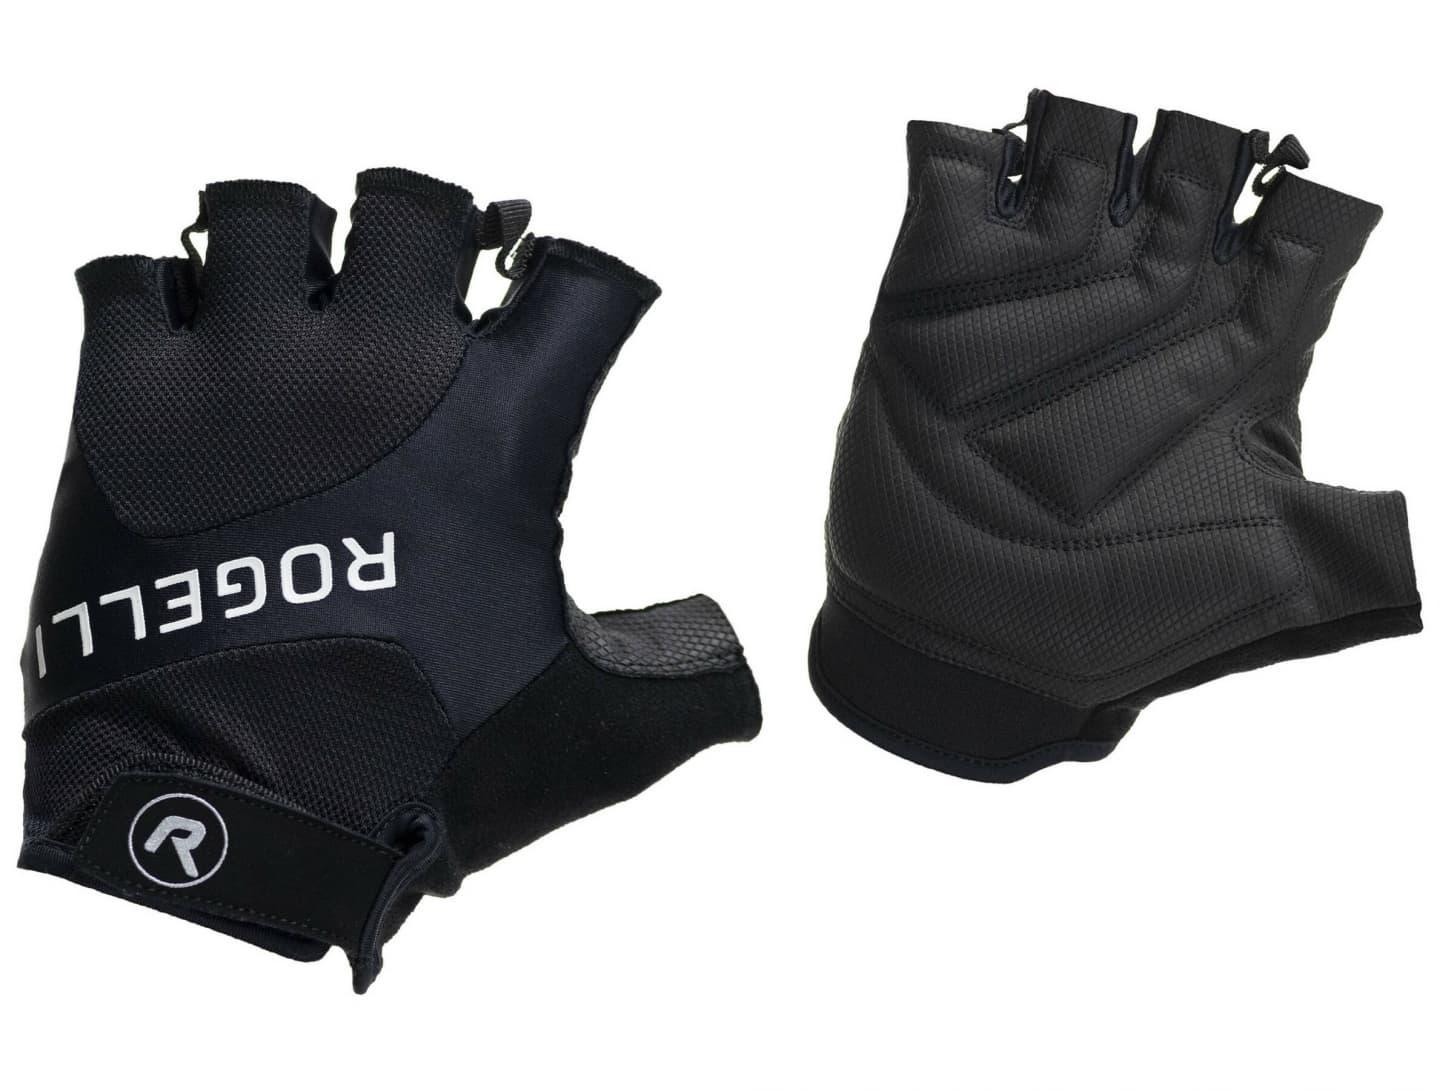 0f96ac0deb512 Cyklistické rukavice Rogelli ARIOS, čierne | Rogelli.sk